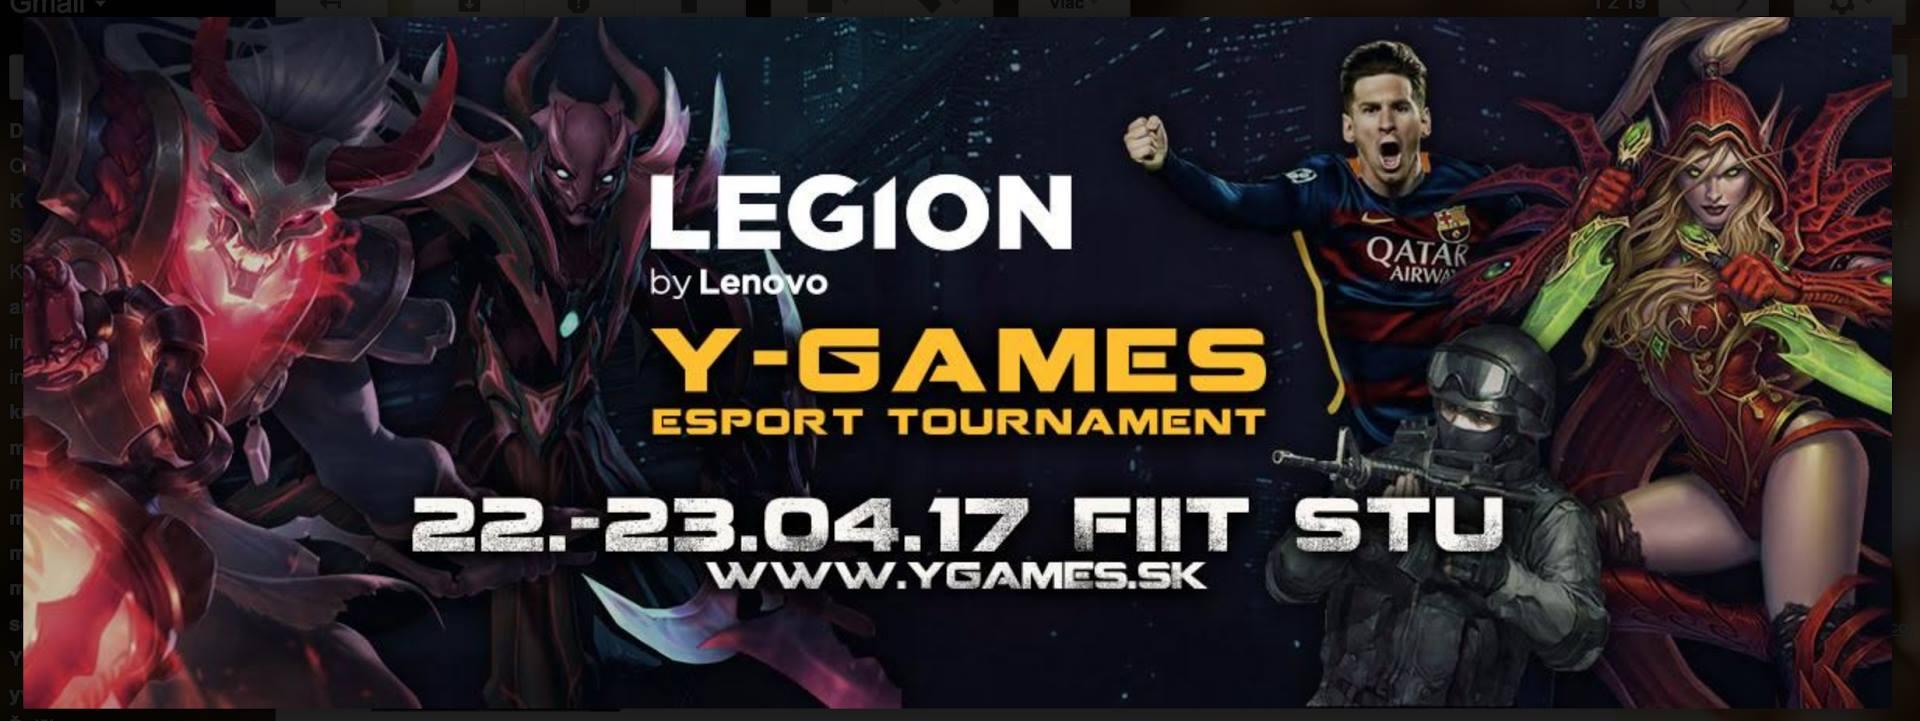 Herný turnaj LENOVO LEGION Y-Games 2017 už spoznal svojich víťazov 1